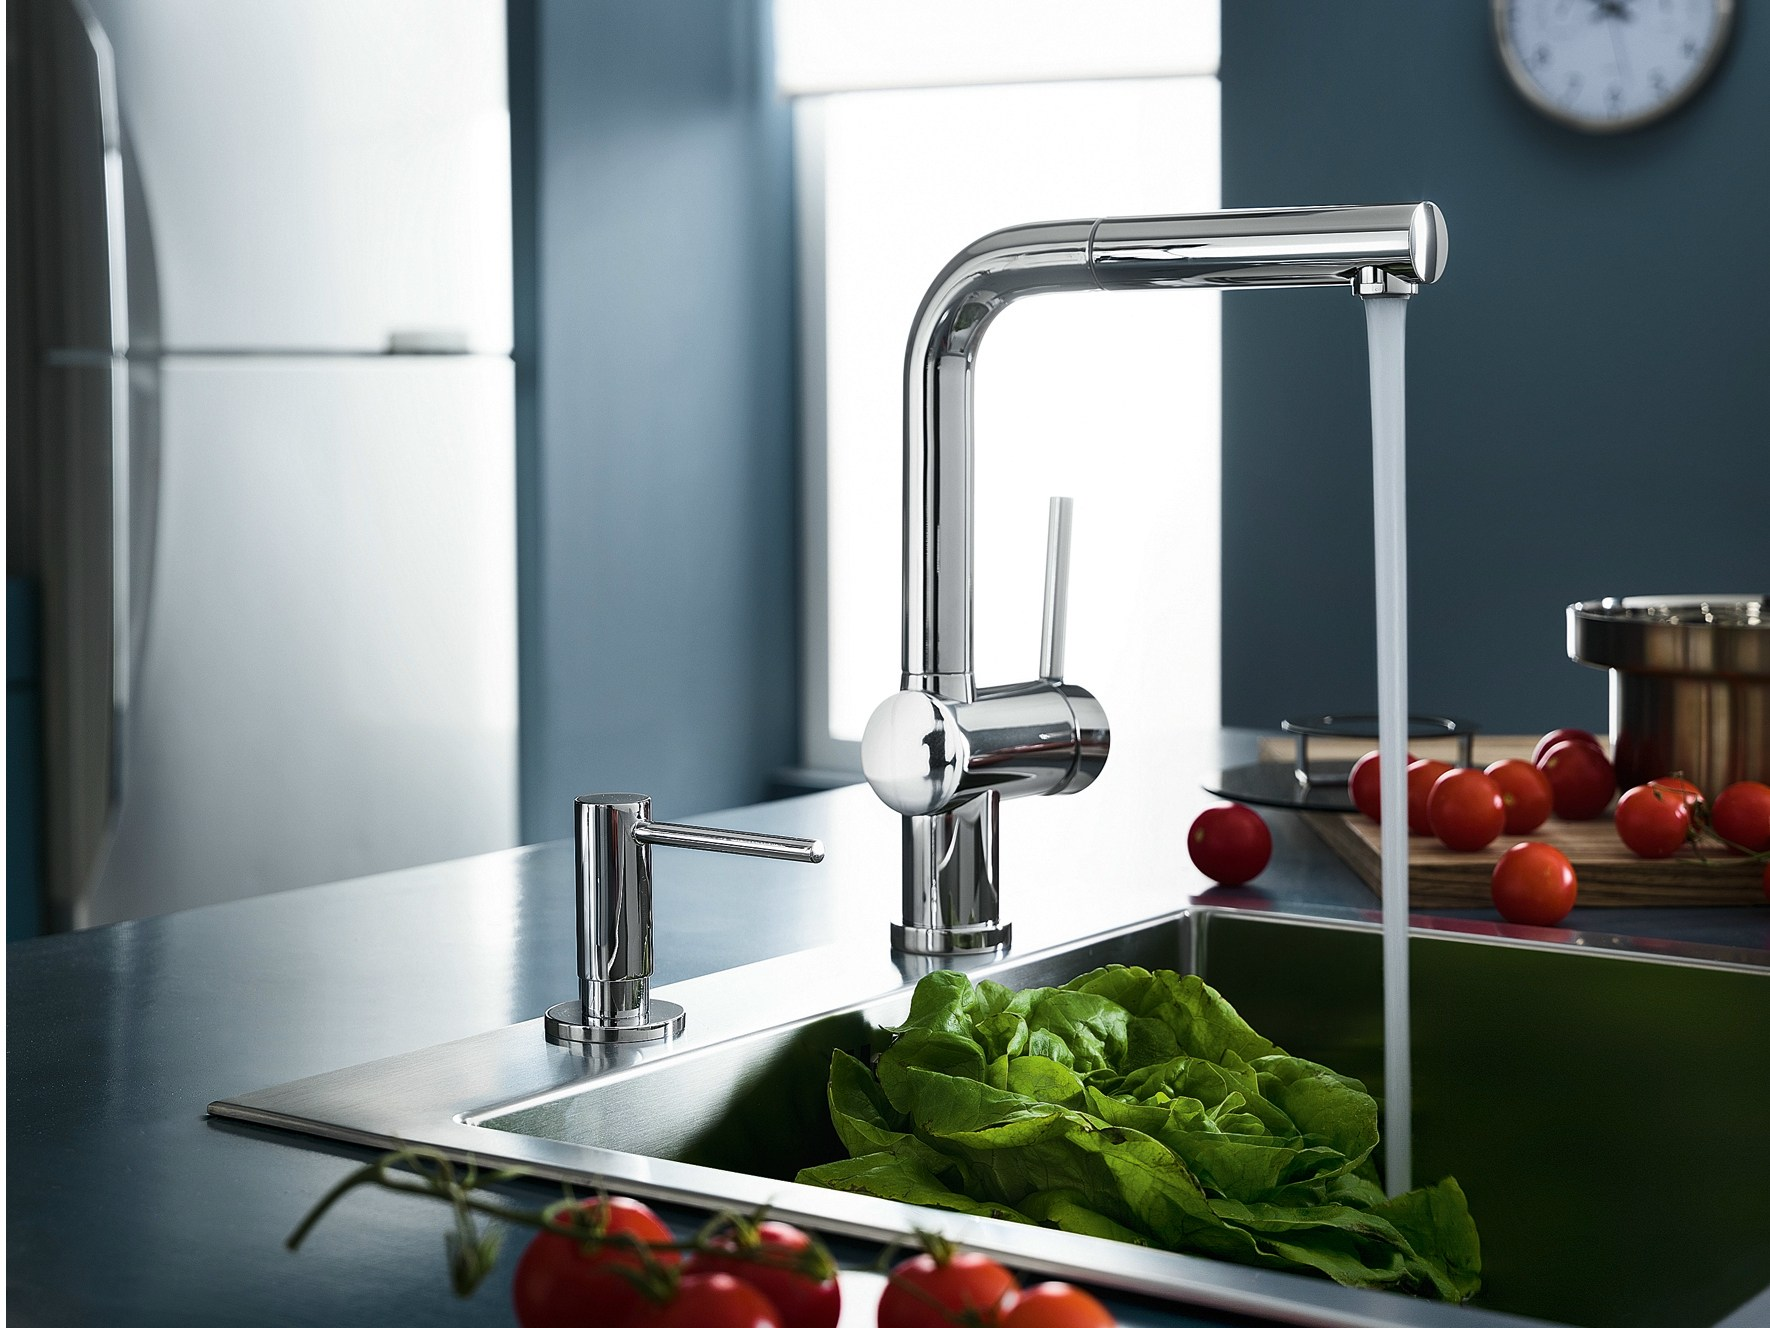 Oz miscelatore da cucina cromato by carlo nobili rubinetterie design nilo gioacchini - Miscelatore cucina con doccetta estraibile ...